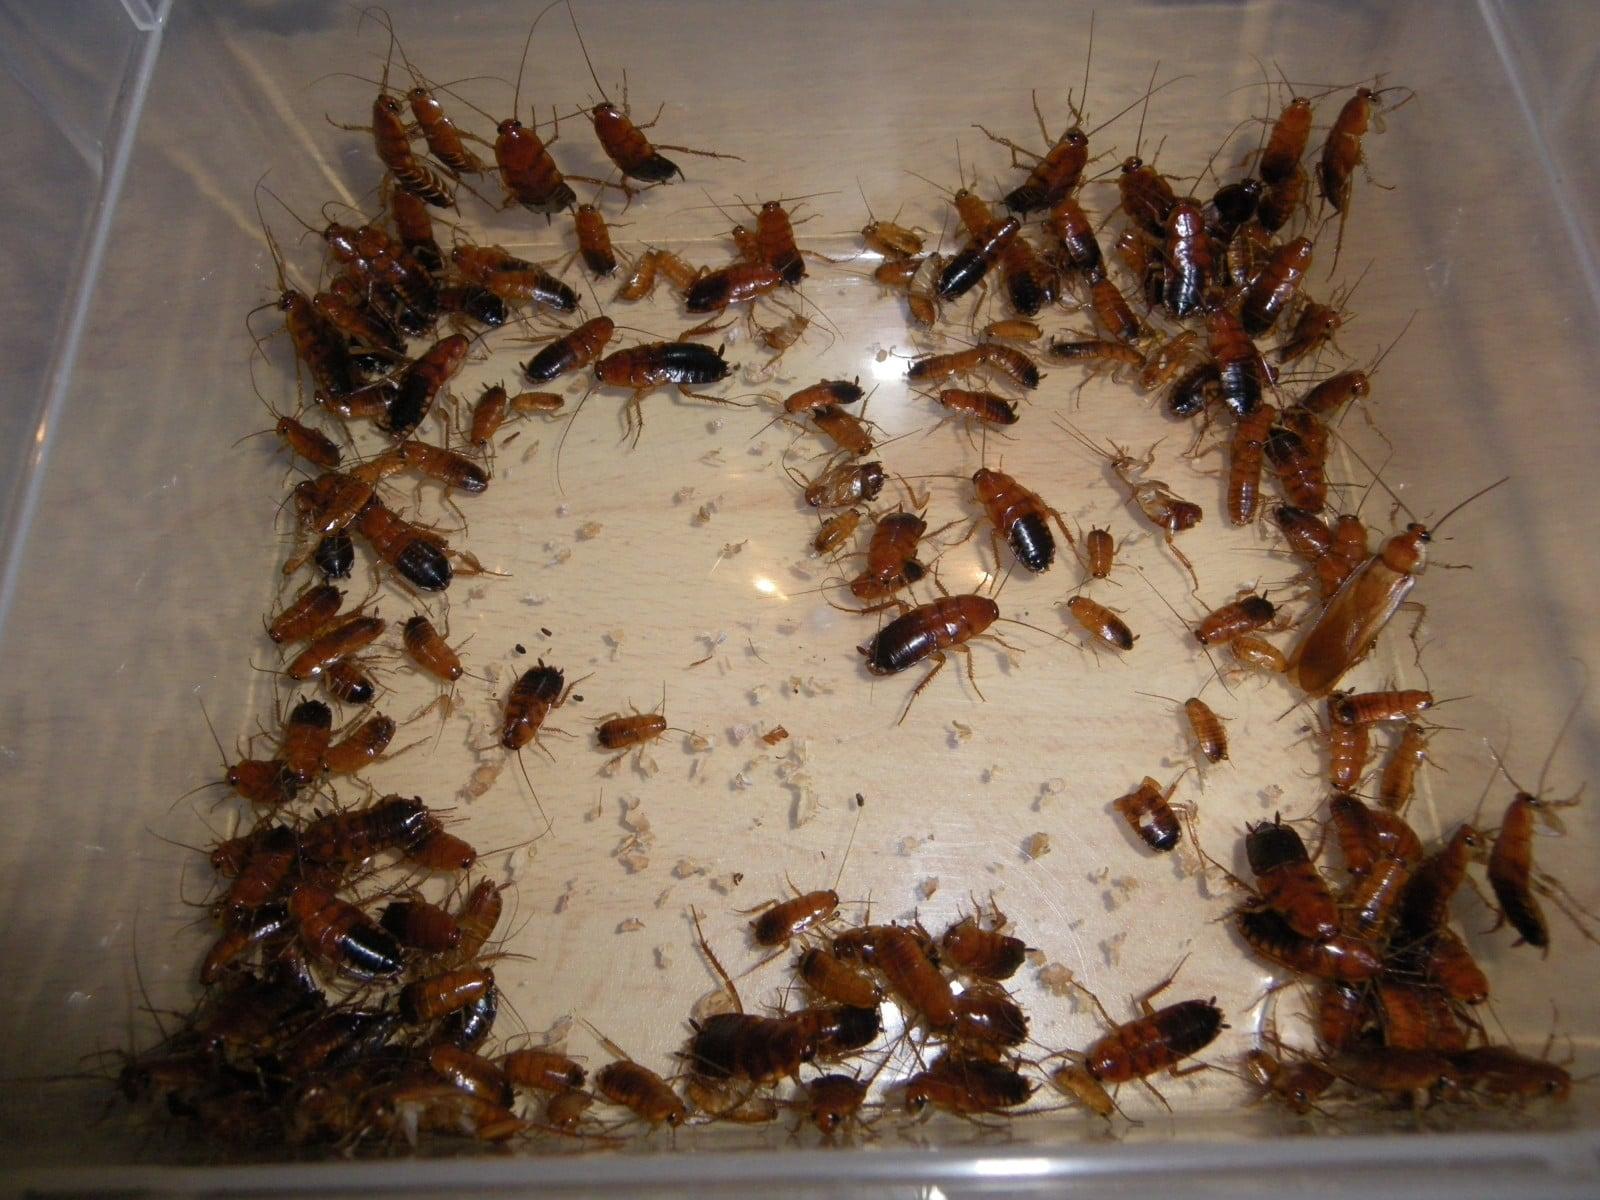 Blatte De Cuisine Photo intervention dans un college infeste de blattes - deraking